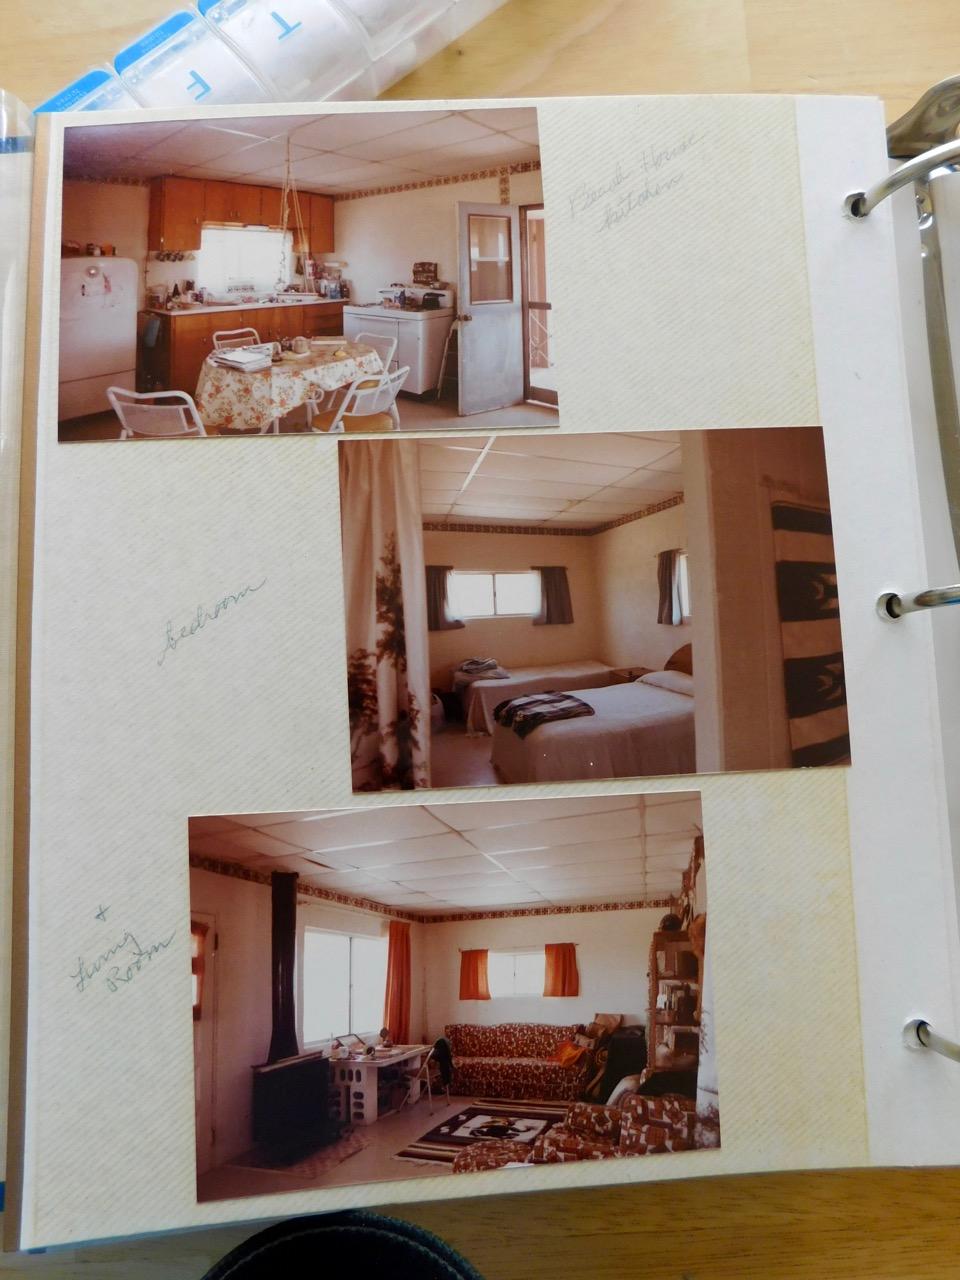 Q Beach House interior 1985.jpg